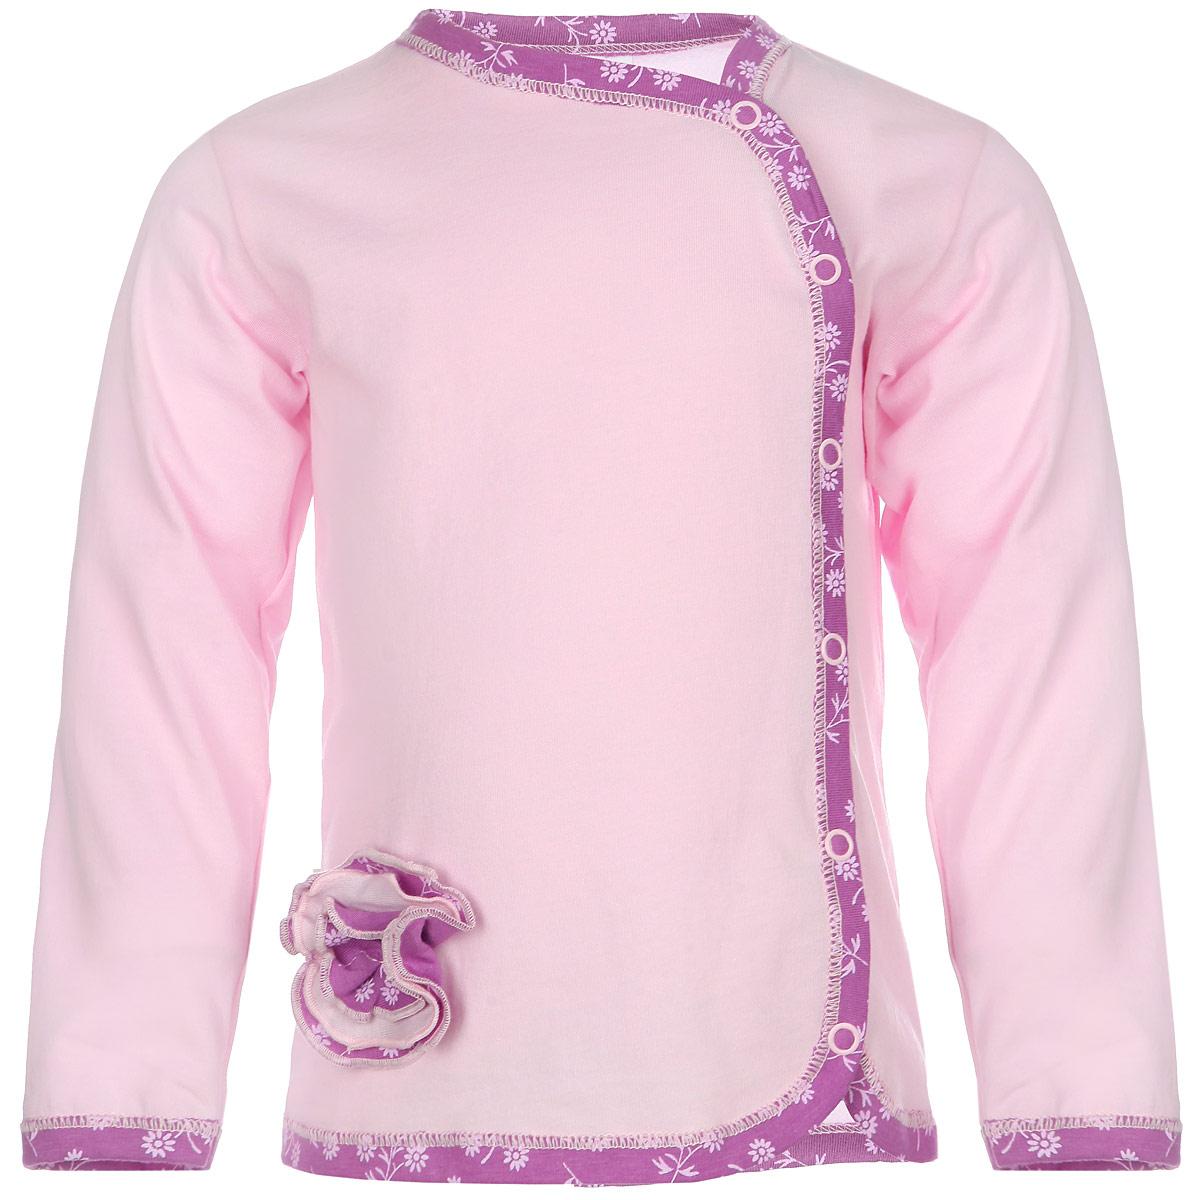 Кофточка для девочки Lucky Child Цветочки, цвет: светло-розовый, сиреневый. 11-17. Размер 80/86, 12-18 месяцев11-17Кофточка для девочки Lucky Child Цветочки, изготовленная из натурального хлопка, станет отличным дополнением к детскому гардеробу. Изделие очень мягкое и приятное на ощупь, не сковывает движения и хорошо вентилируется, обеспечивая комфорт. Кофточка с круглым вырезом горловины и длинными рукавами застегивается на кнопки. Края модели и низ рукавов дополнены трикотажной бейкой с цветочным принтом. Украшено изделие пришитым текстильным цветком. Кофточка полностью соответствует особенностям жизни младенца в ранний период, не стесняя и не ограничивая его в движениях. В ней ваша маленькая принцесса всегда будет в центре внимания!